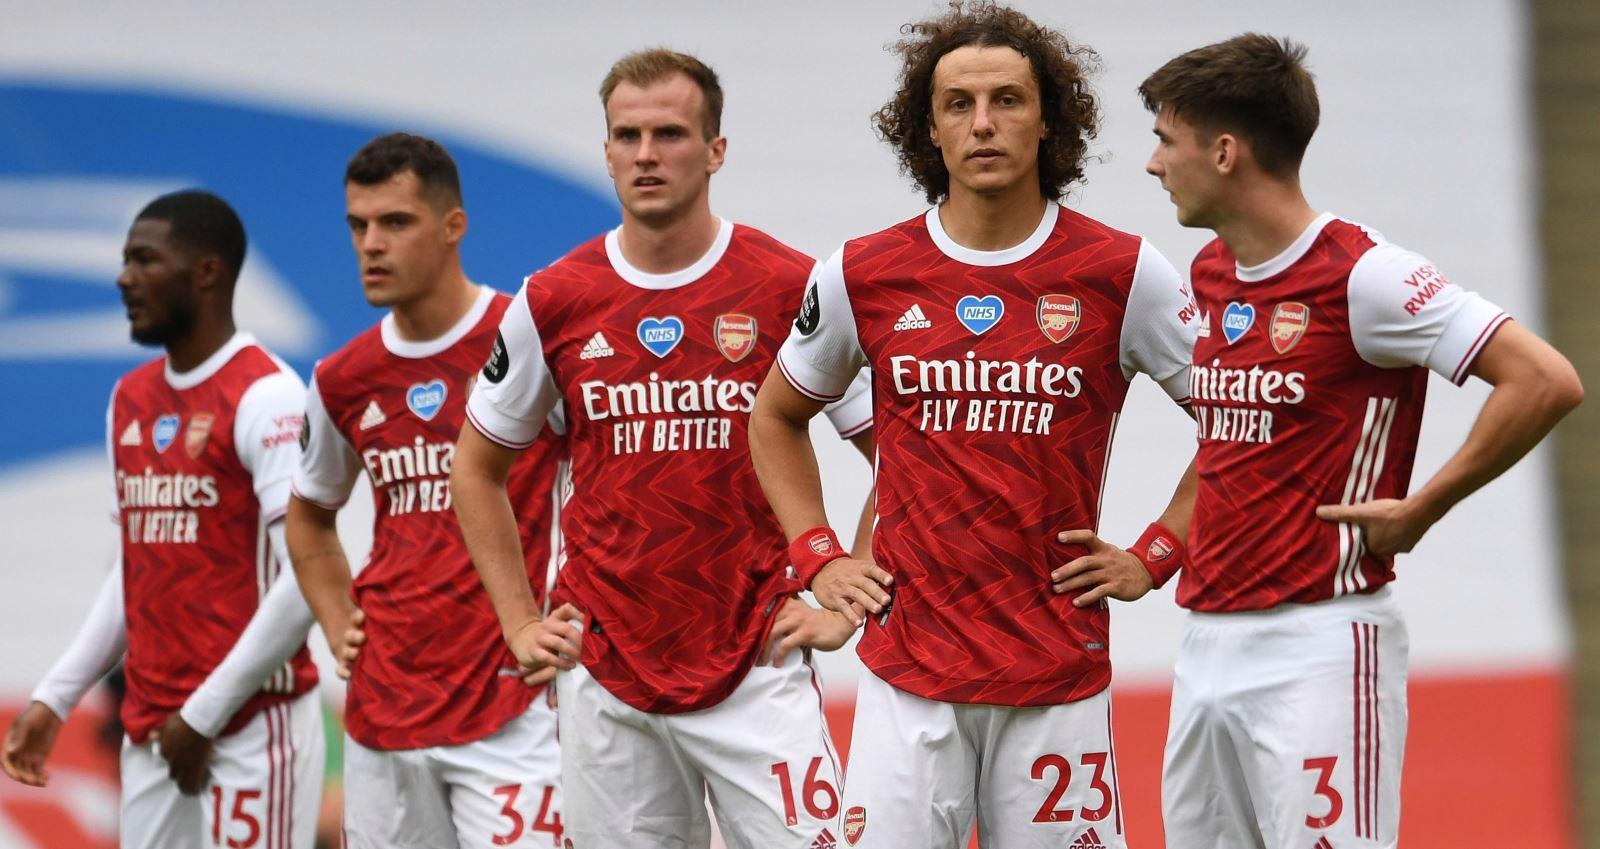 Arsenal vs Chelsea, Arsenal, Chelsea, trực tiếp bóng đá, trực tiếp Arsenal vs Chelsea, lịch thi đấu bóng đá, bóng đá, bong da hom nay